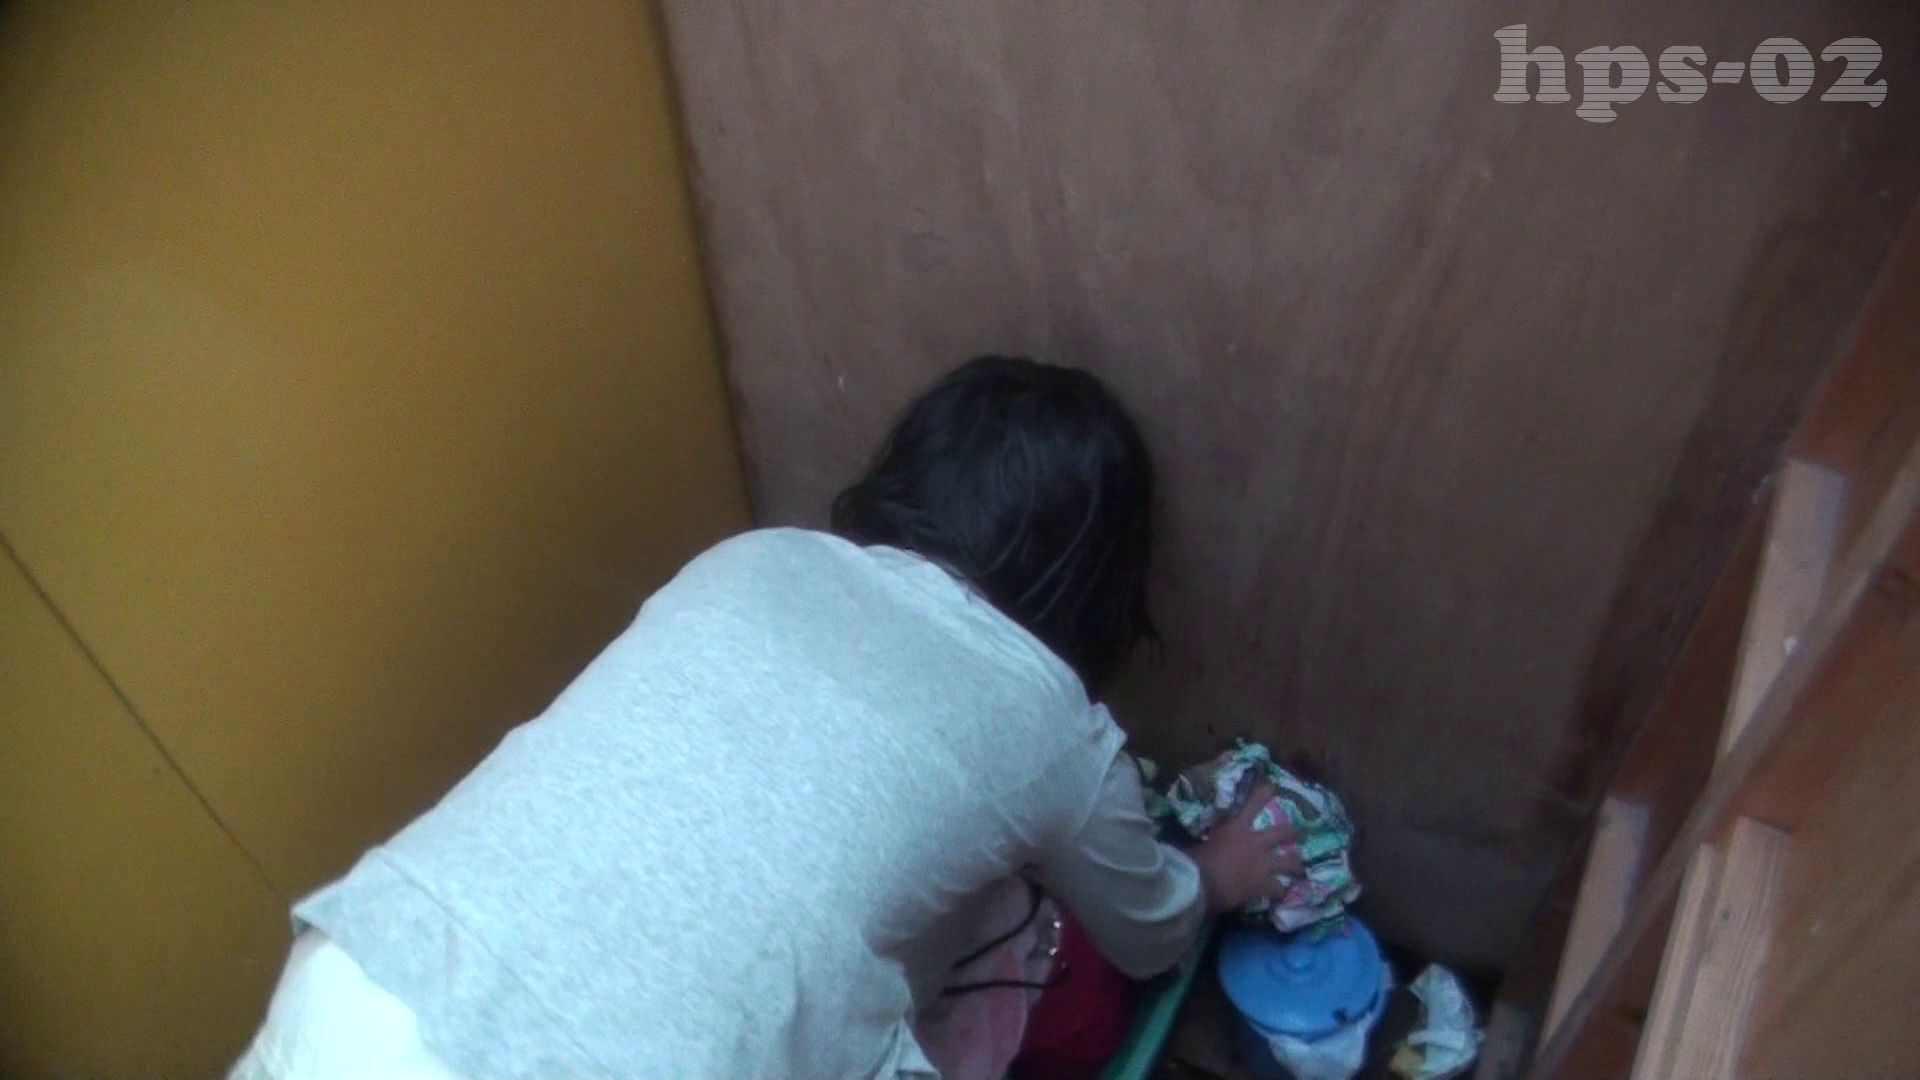 シャワールームは超!!危険な香りVol.2 カメラに目線をやるのですがまったく気が付きません。 OLヌード天国  84PIX 18